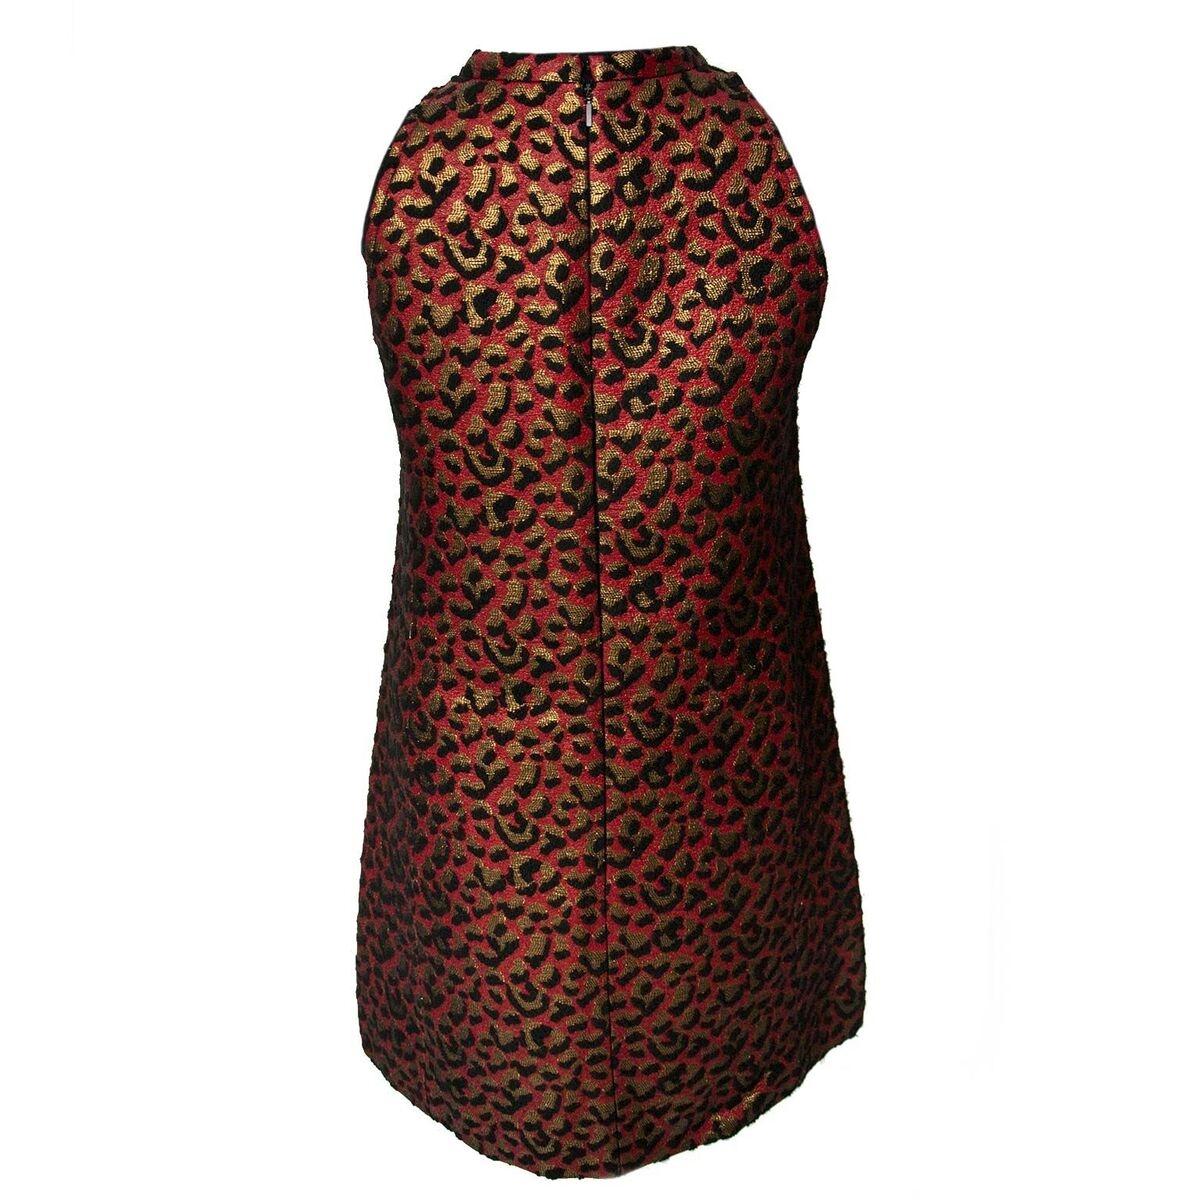 Koop authentieke tweedehands Leopard jurk Saint Laurent aan een eerlijke prijs bij LabelLOV. Veilig online shoppen.